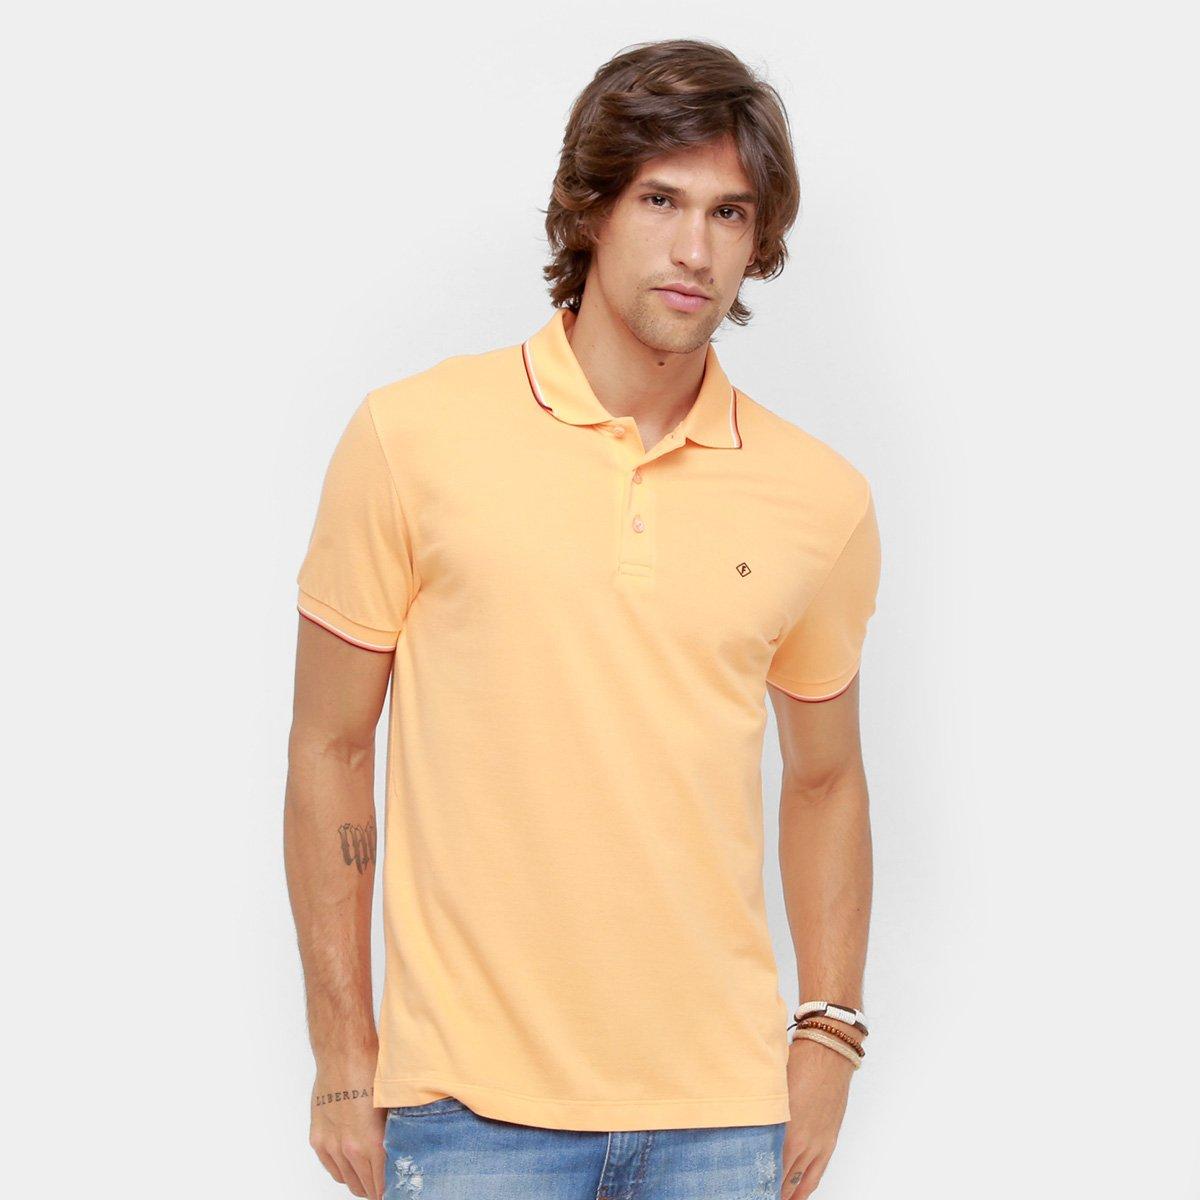 Camisa Polo Forum Piquet Básica Masculina - Compre Agora  4e25592c67eea